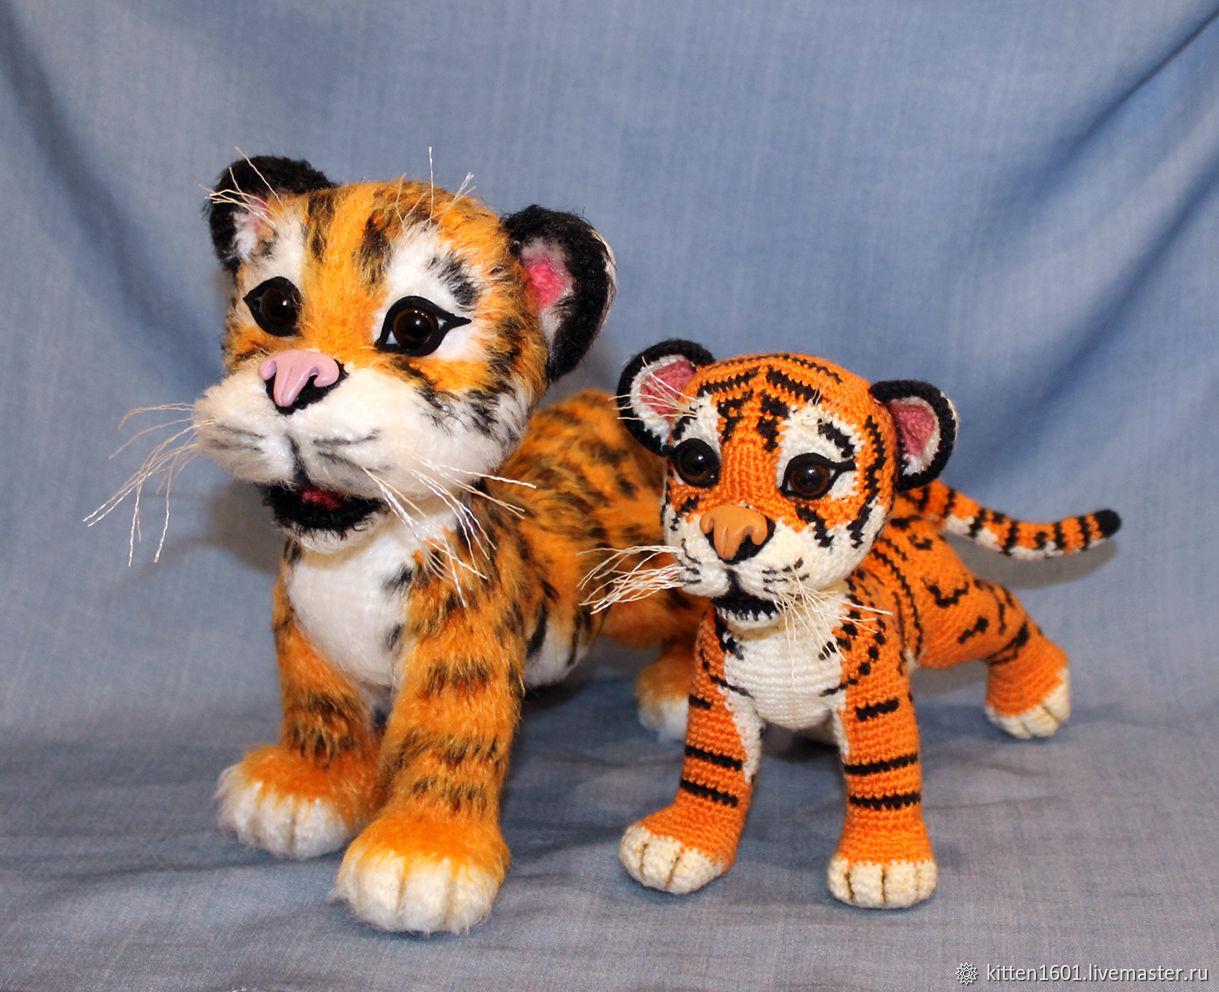 tigr-simvol-goda-2022-foto-9